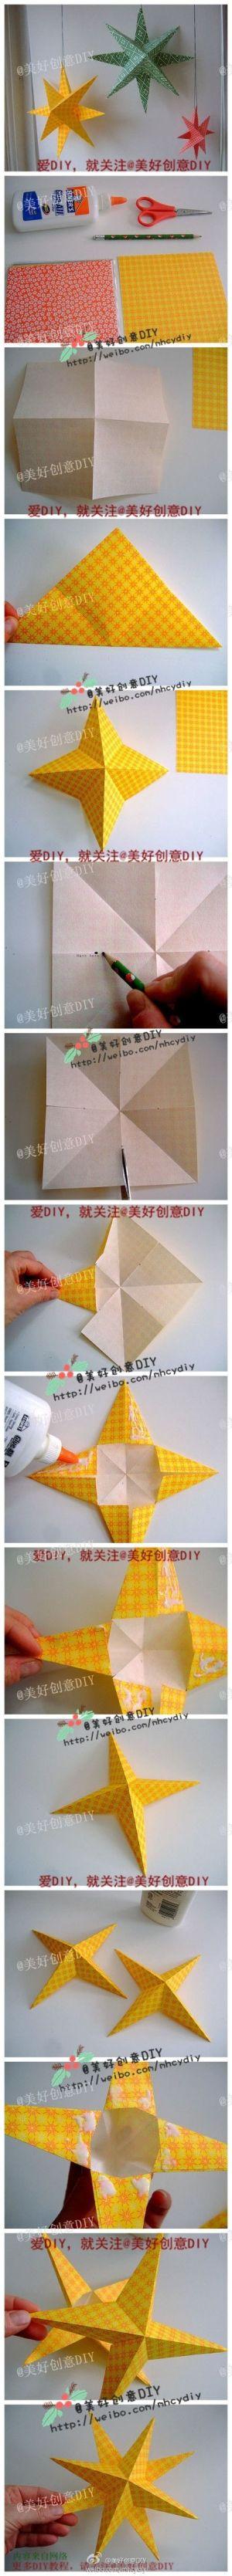 Star origami by ritari